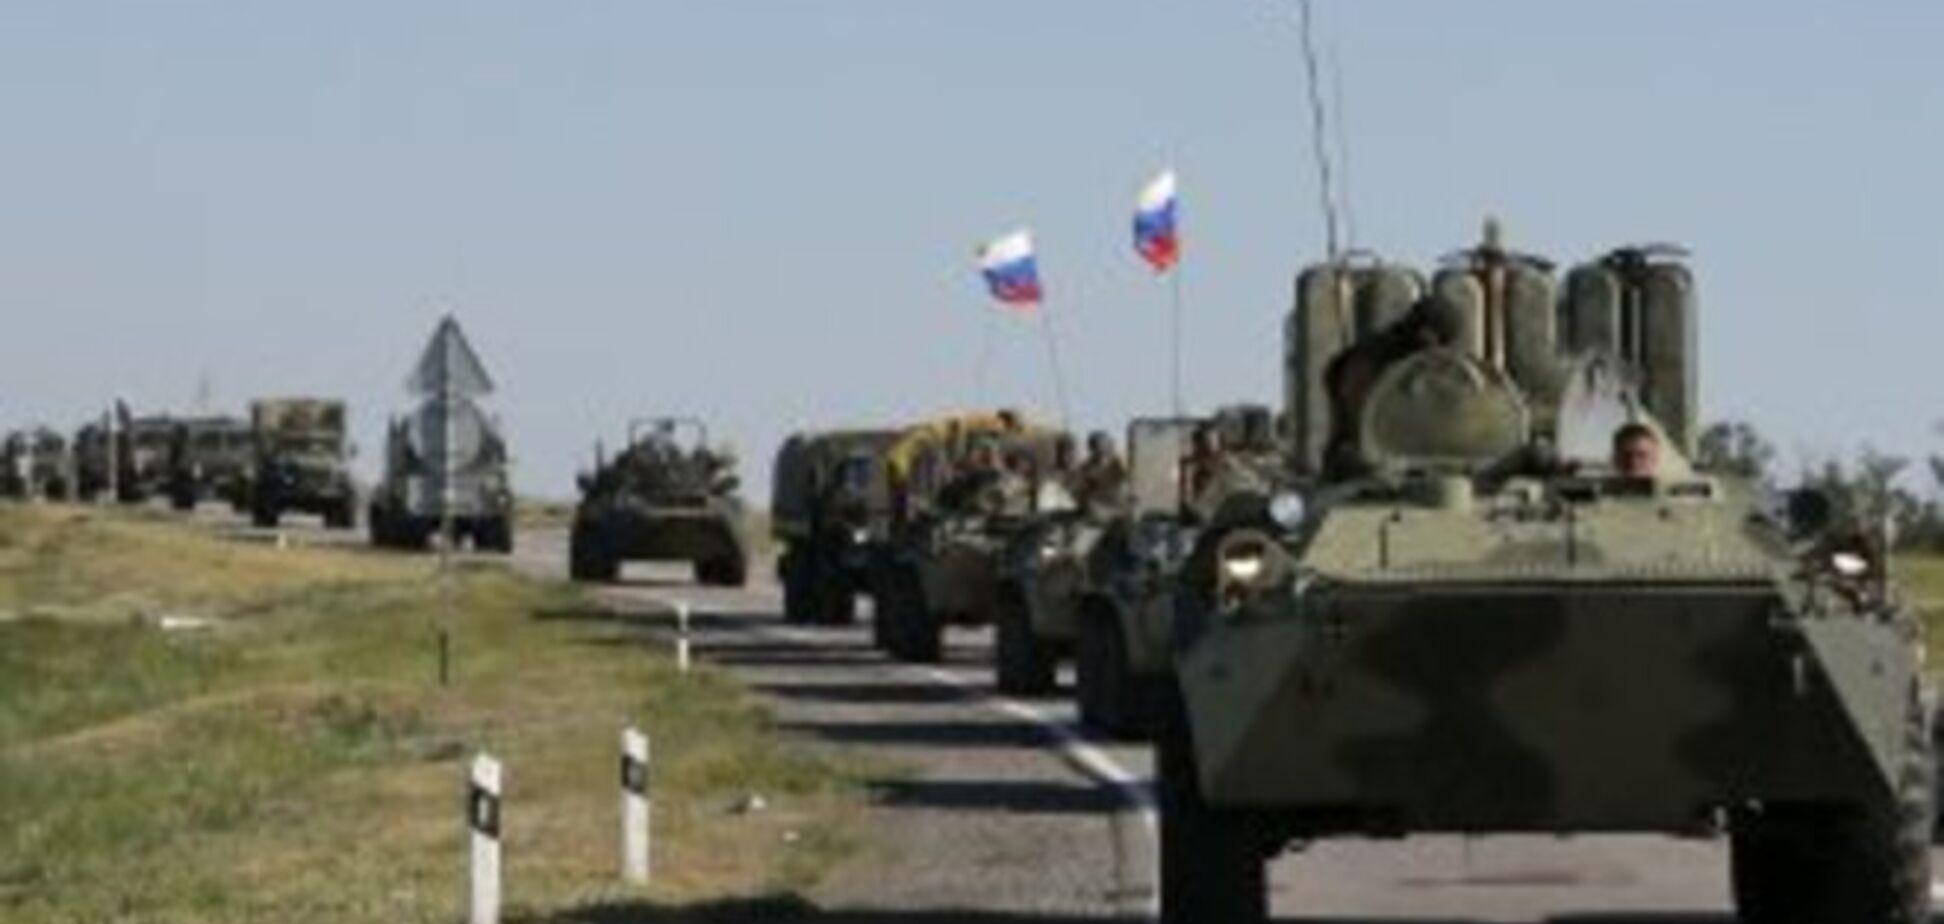 Ізраїль наніс авіаудар по російській військовій техніці. Чому Україна так не робить?